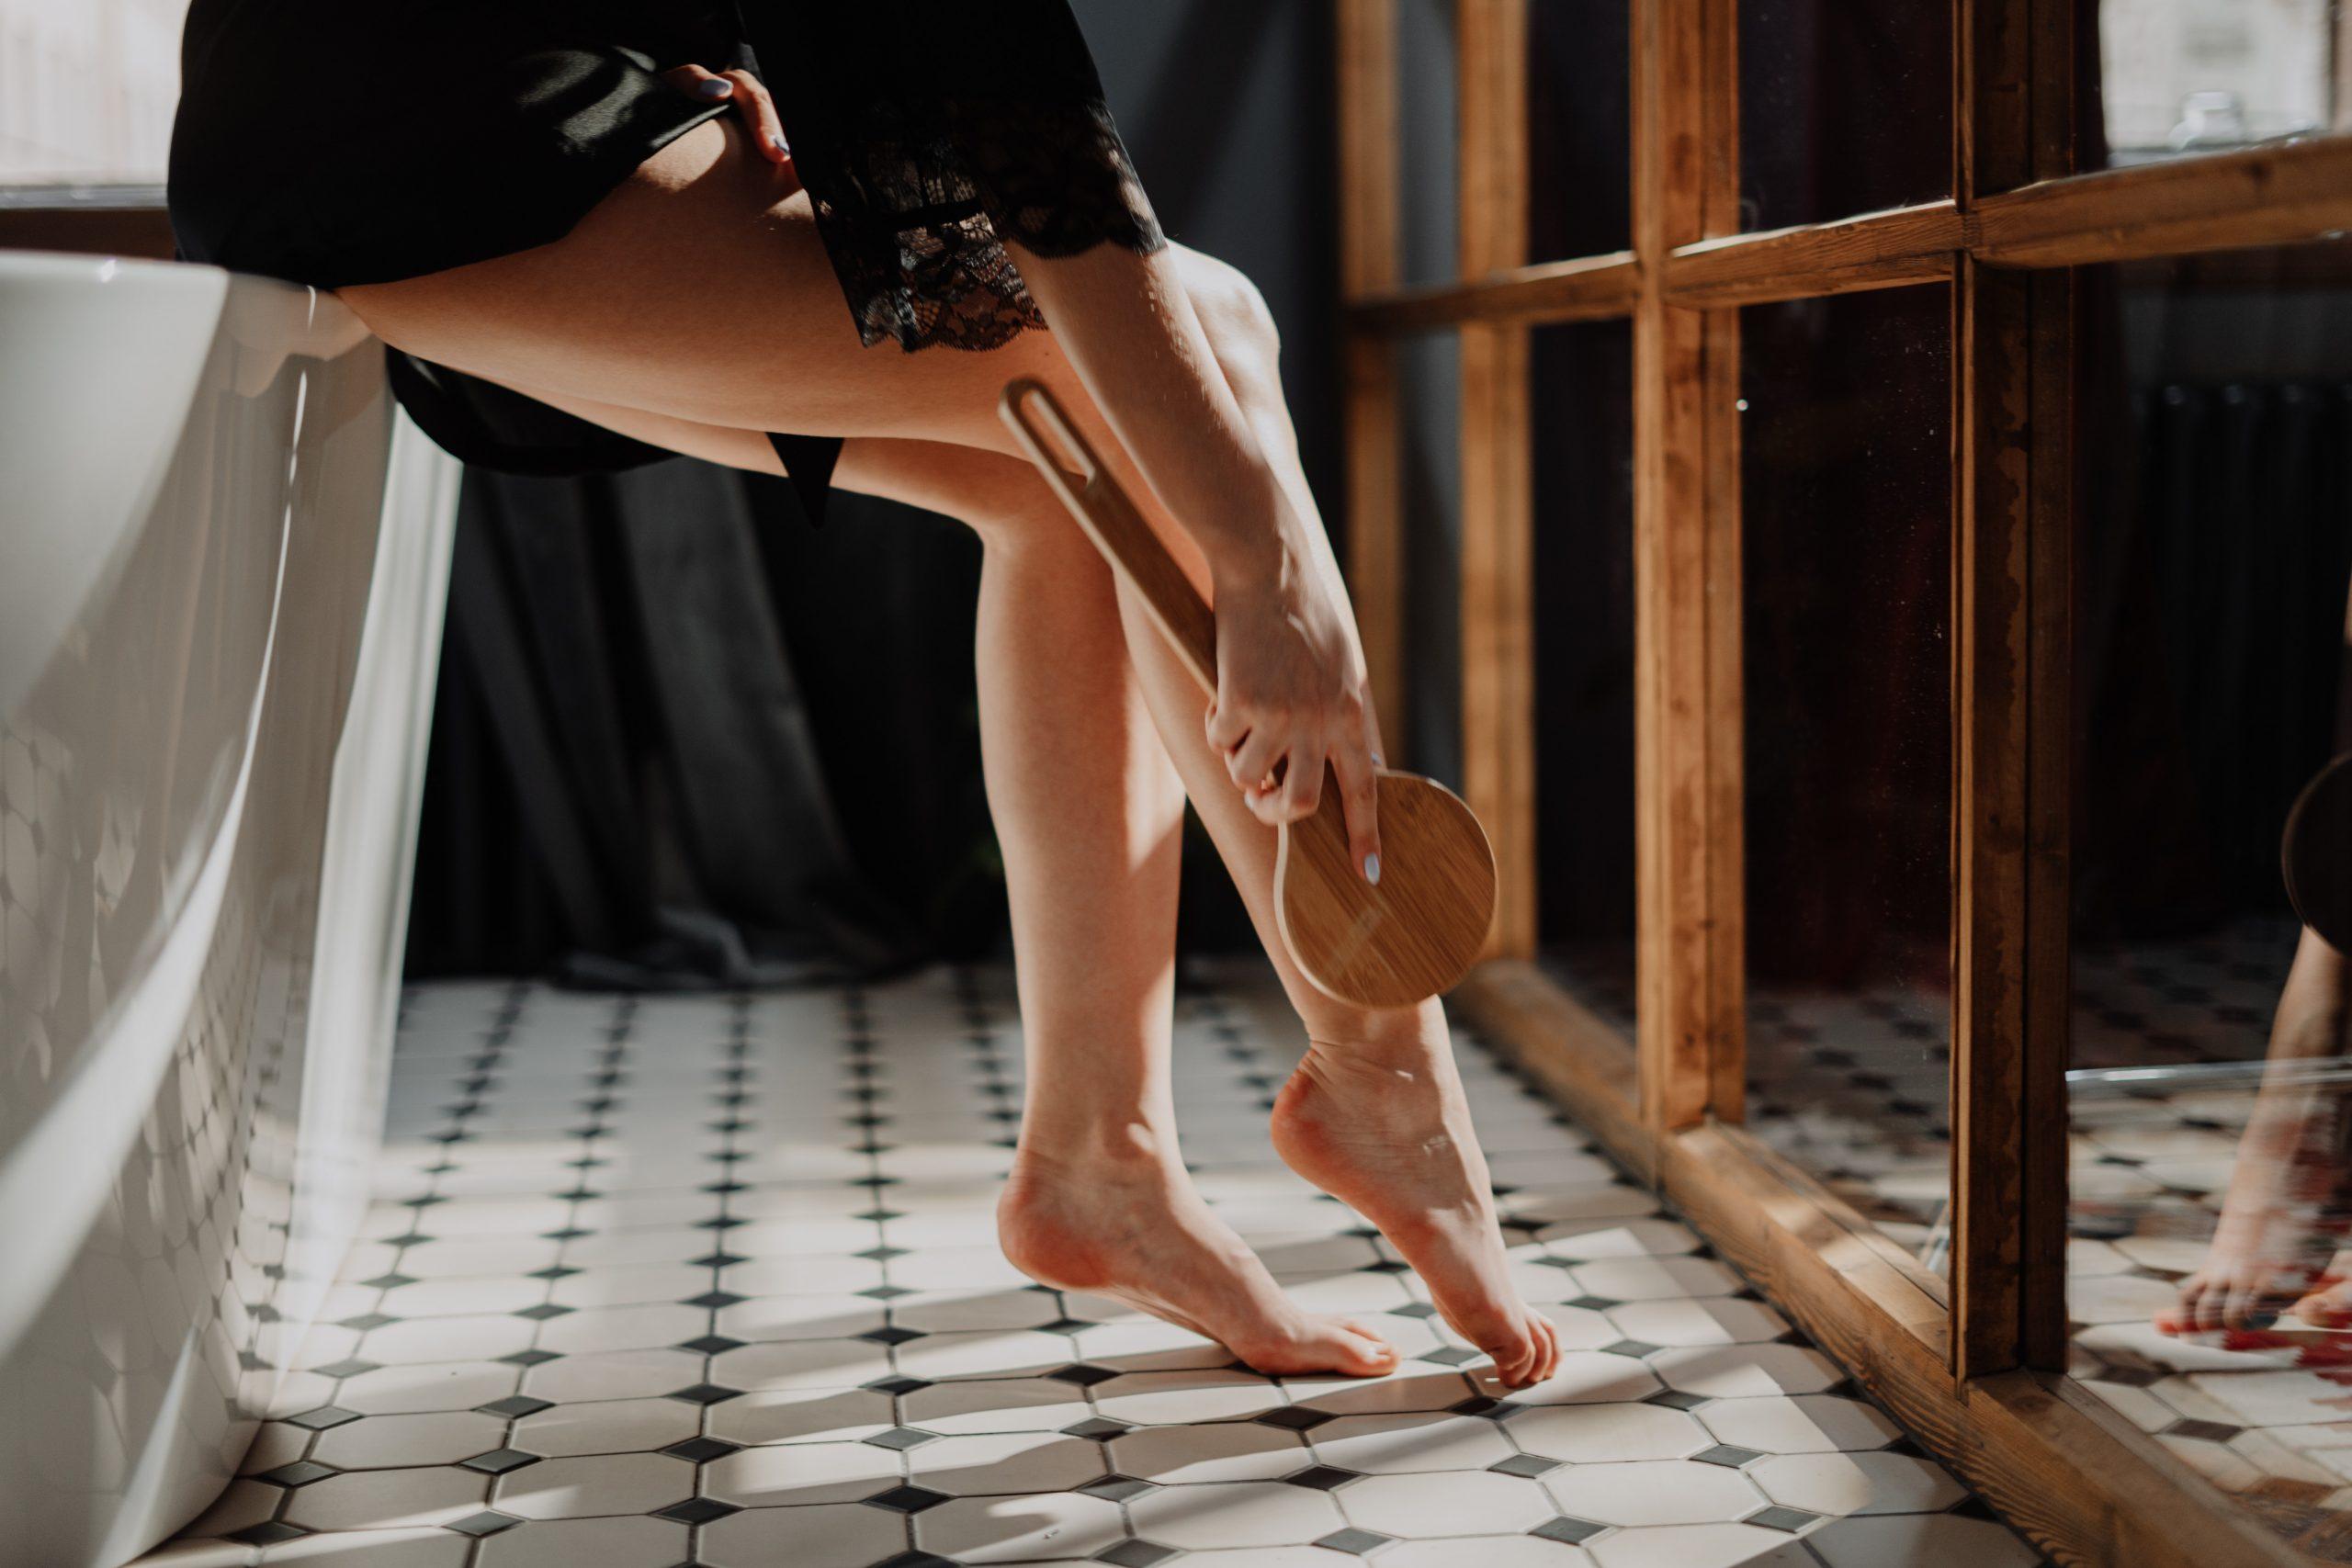 En la imagen, una mujer cuida de sus piernas. /Foto: Pexels